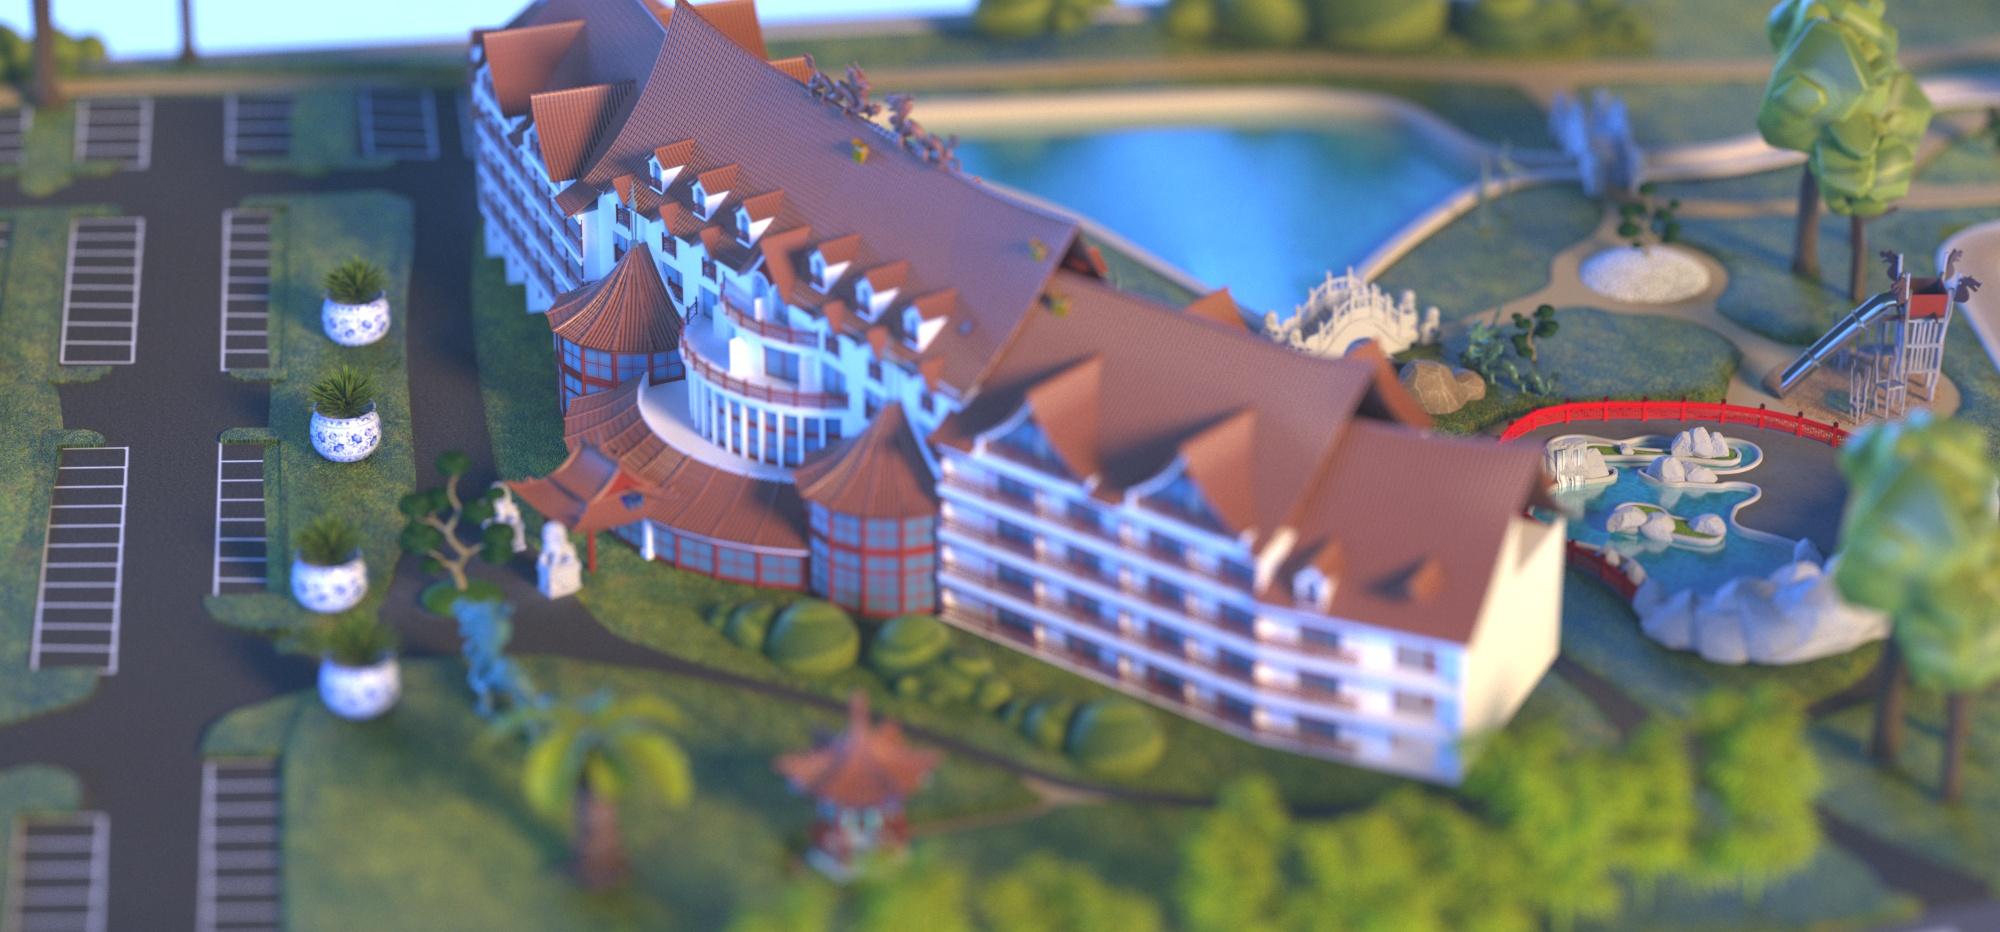 GALERIE-Dripmoon-Studio-3D-Tours-Motion-design-Zooparc-de-Beauval-Plan-du-parc 10